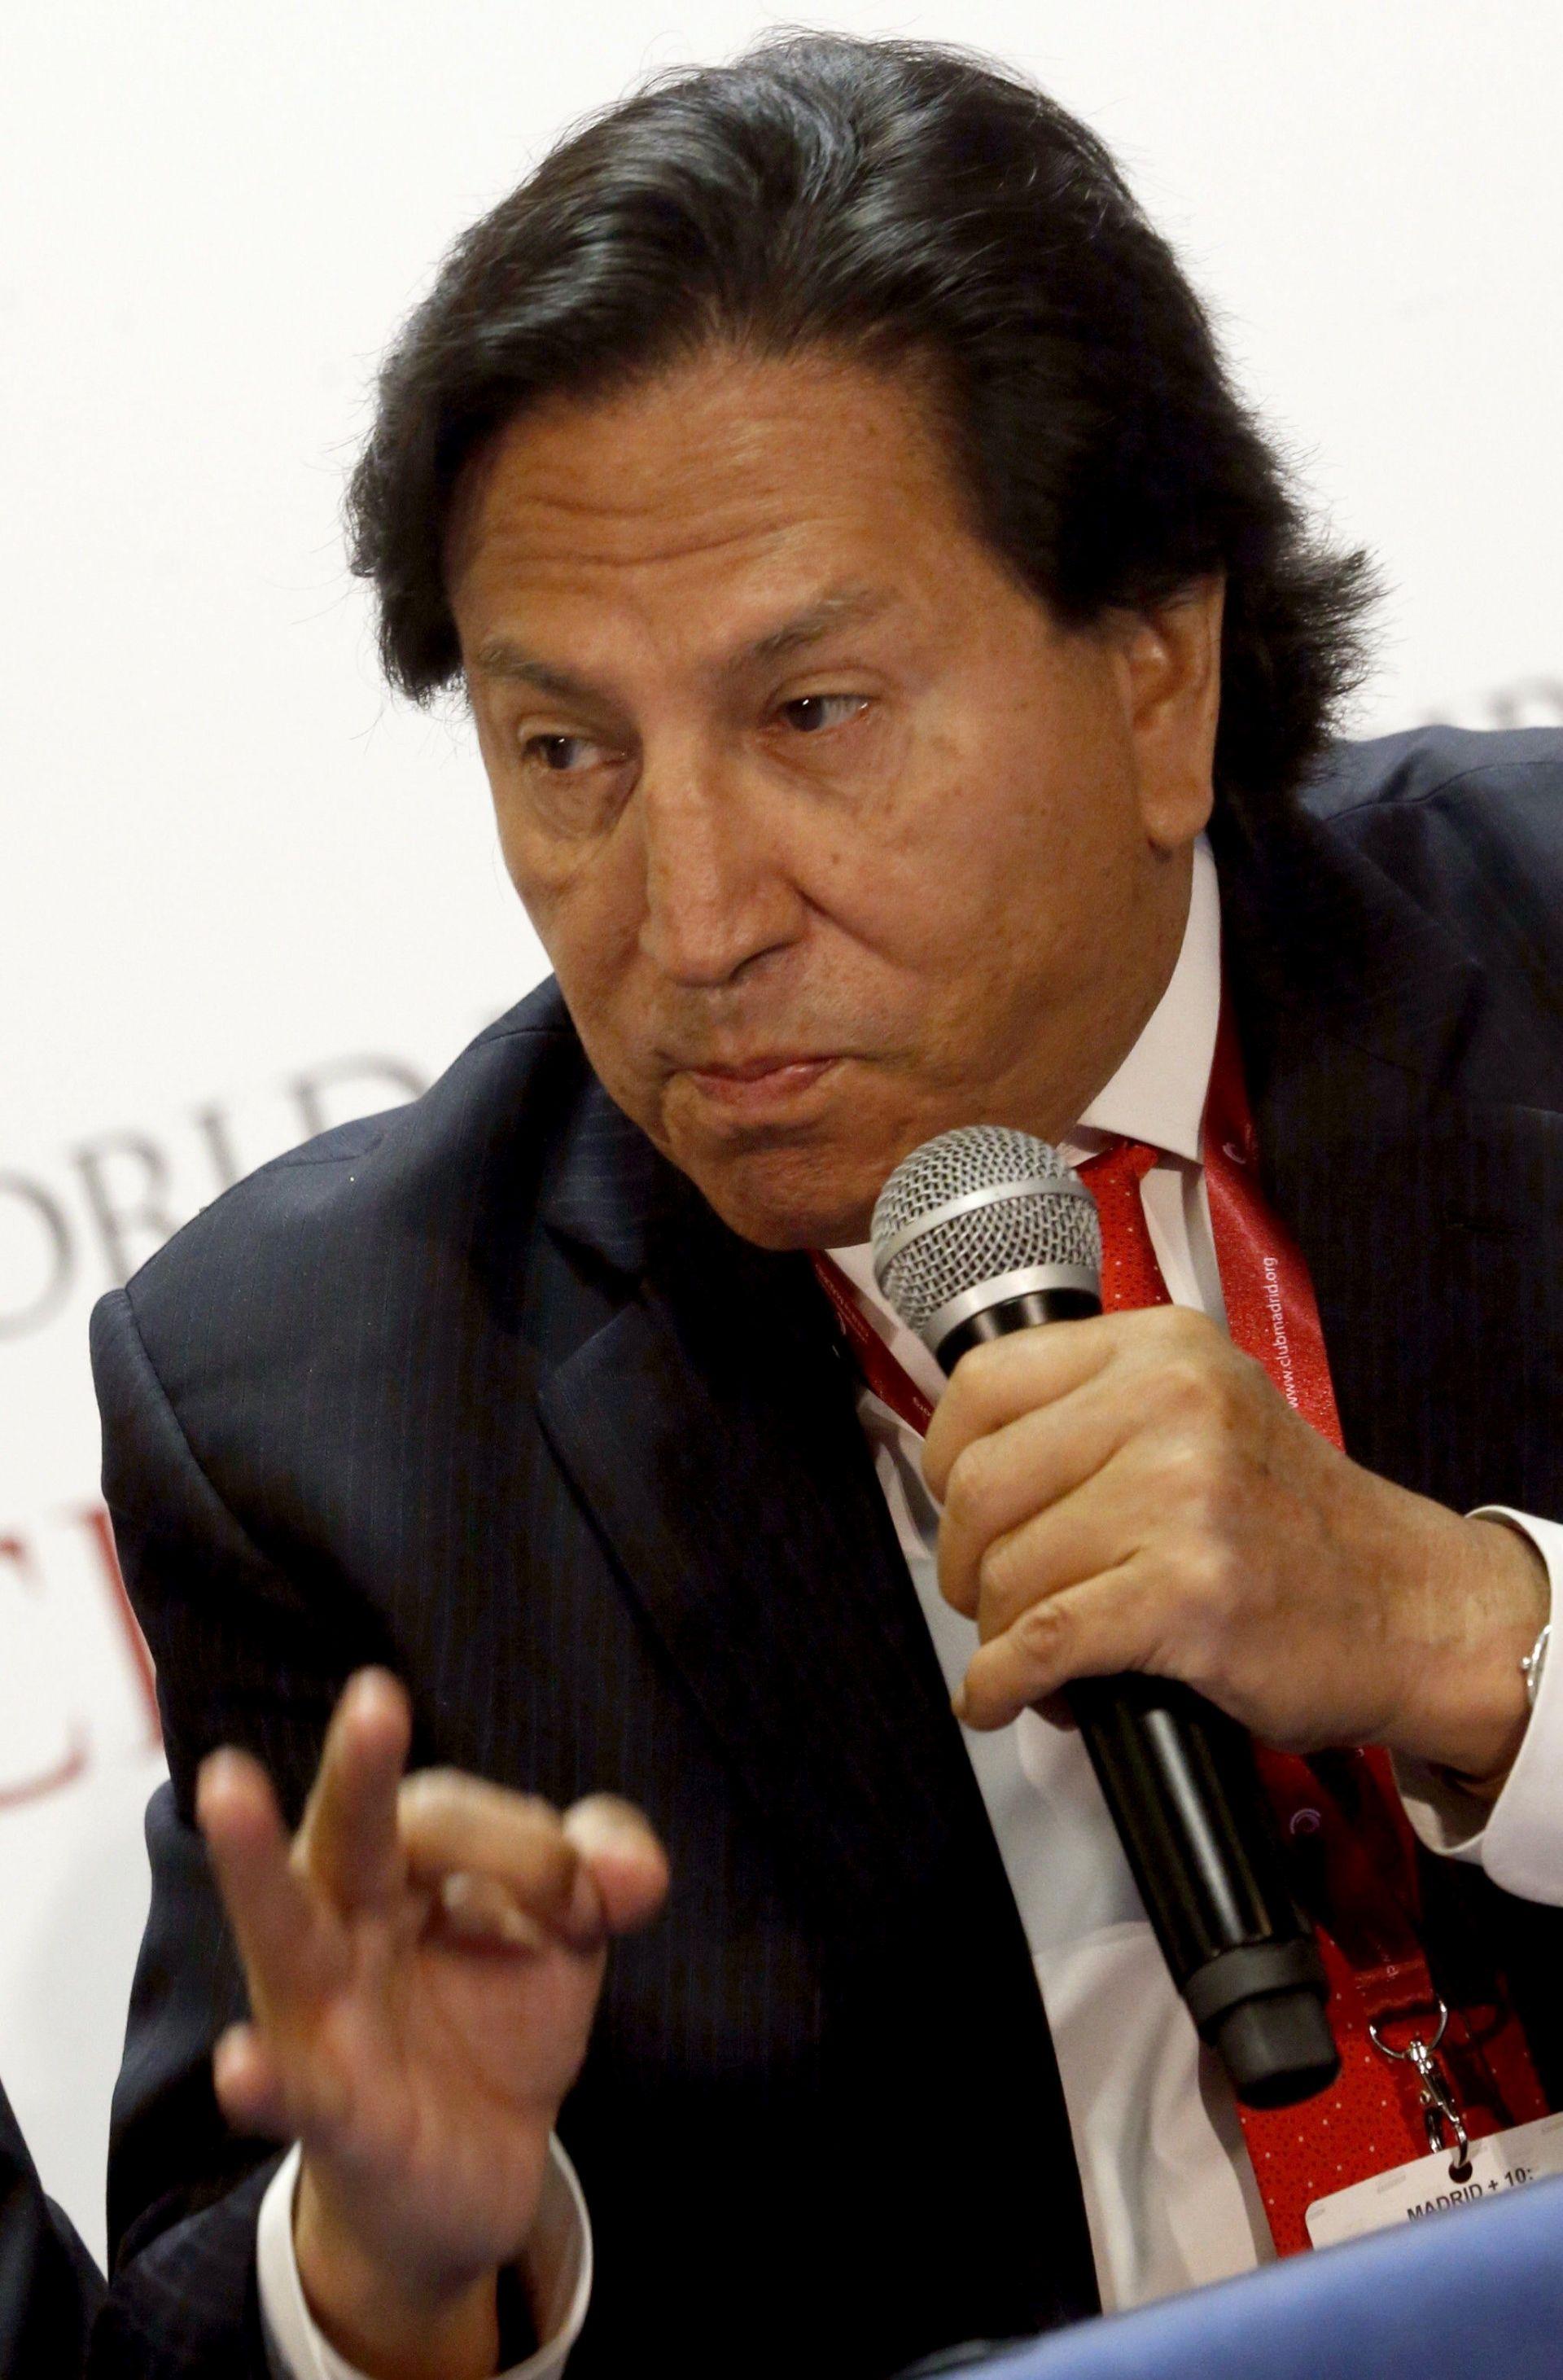 Izrael neće primiti bivšeg peruanskog predsjednika Toleda kojeg traže zbog korupcije